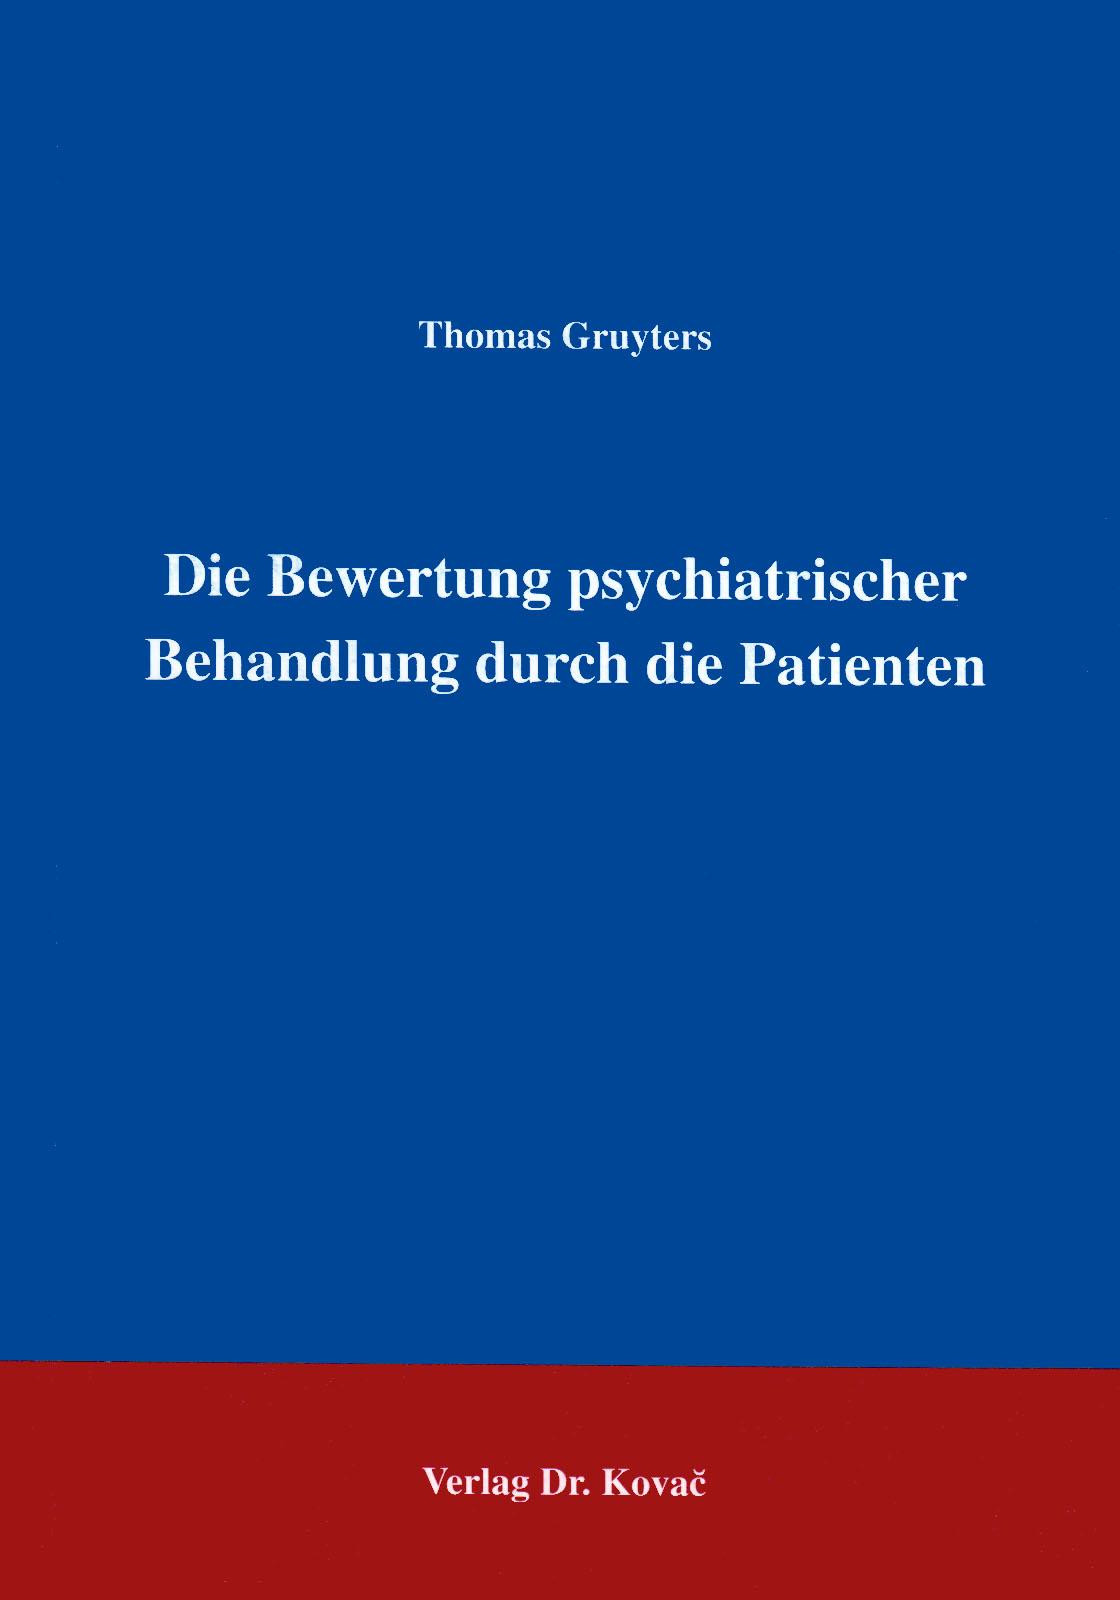 Cover: Die Bewertung psychiatrischer Behandlung durch die Patienten